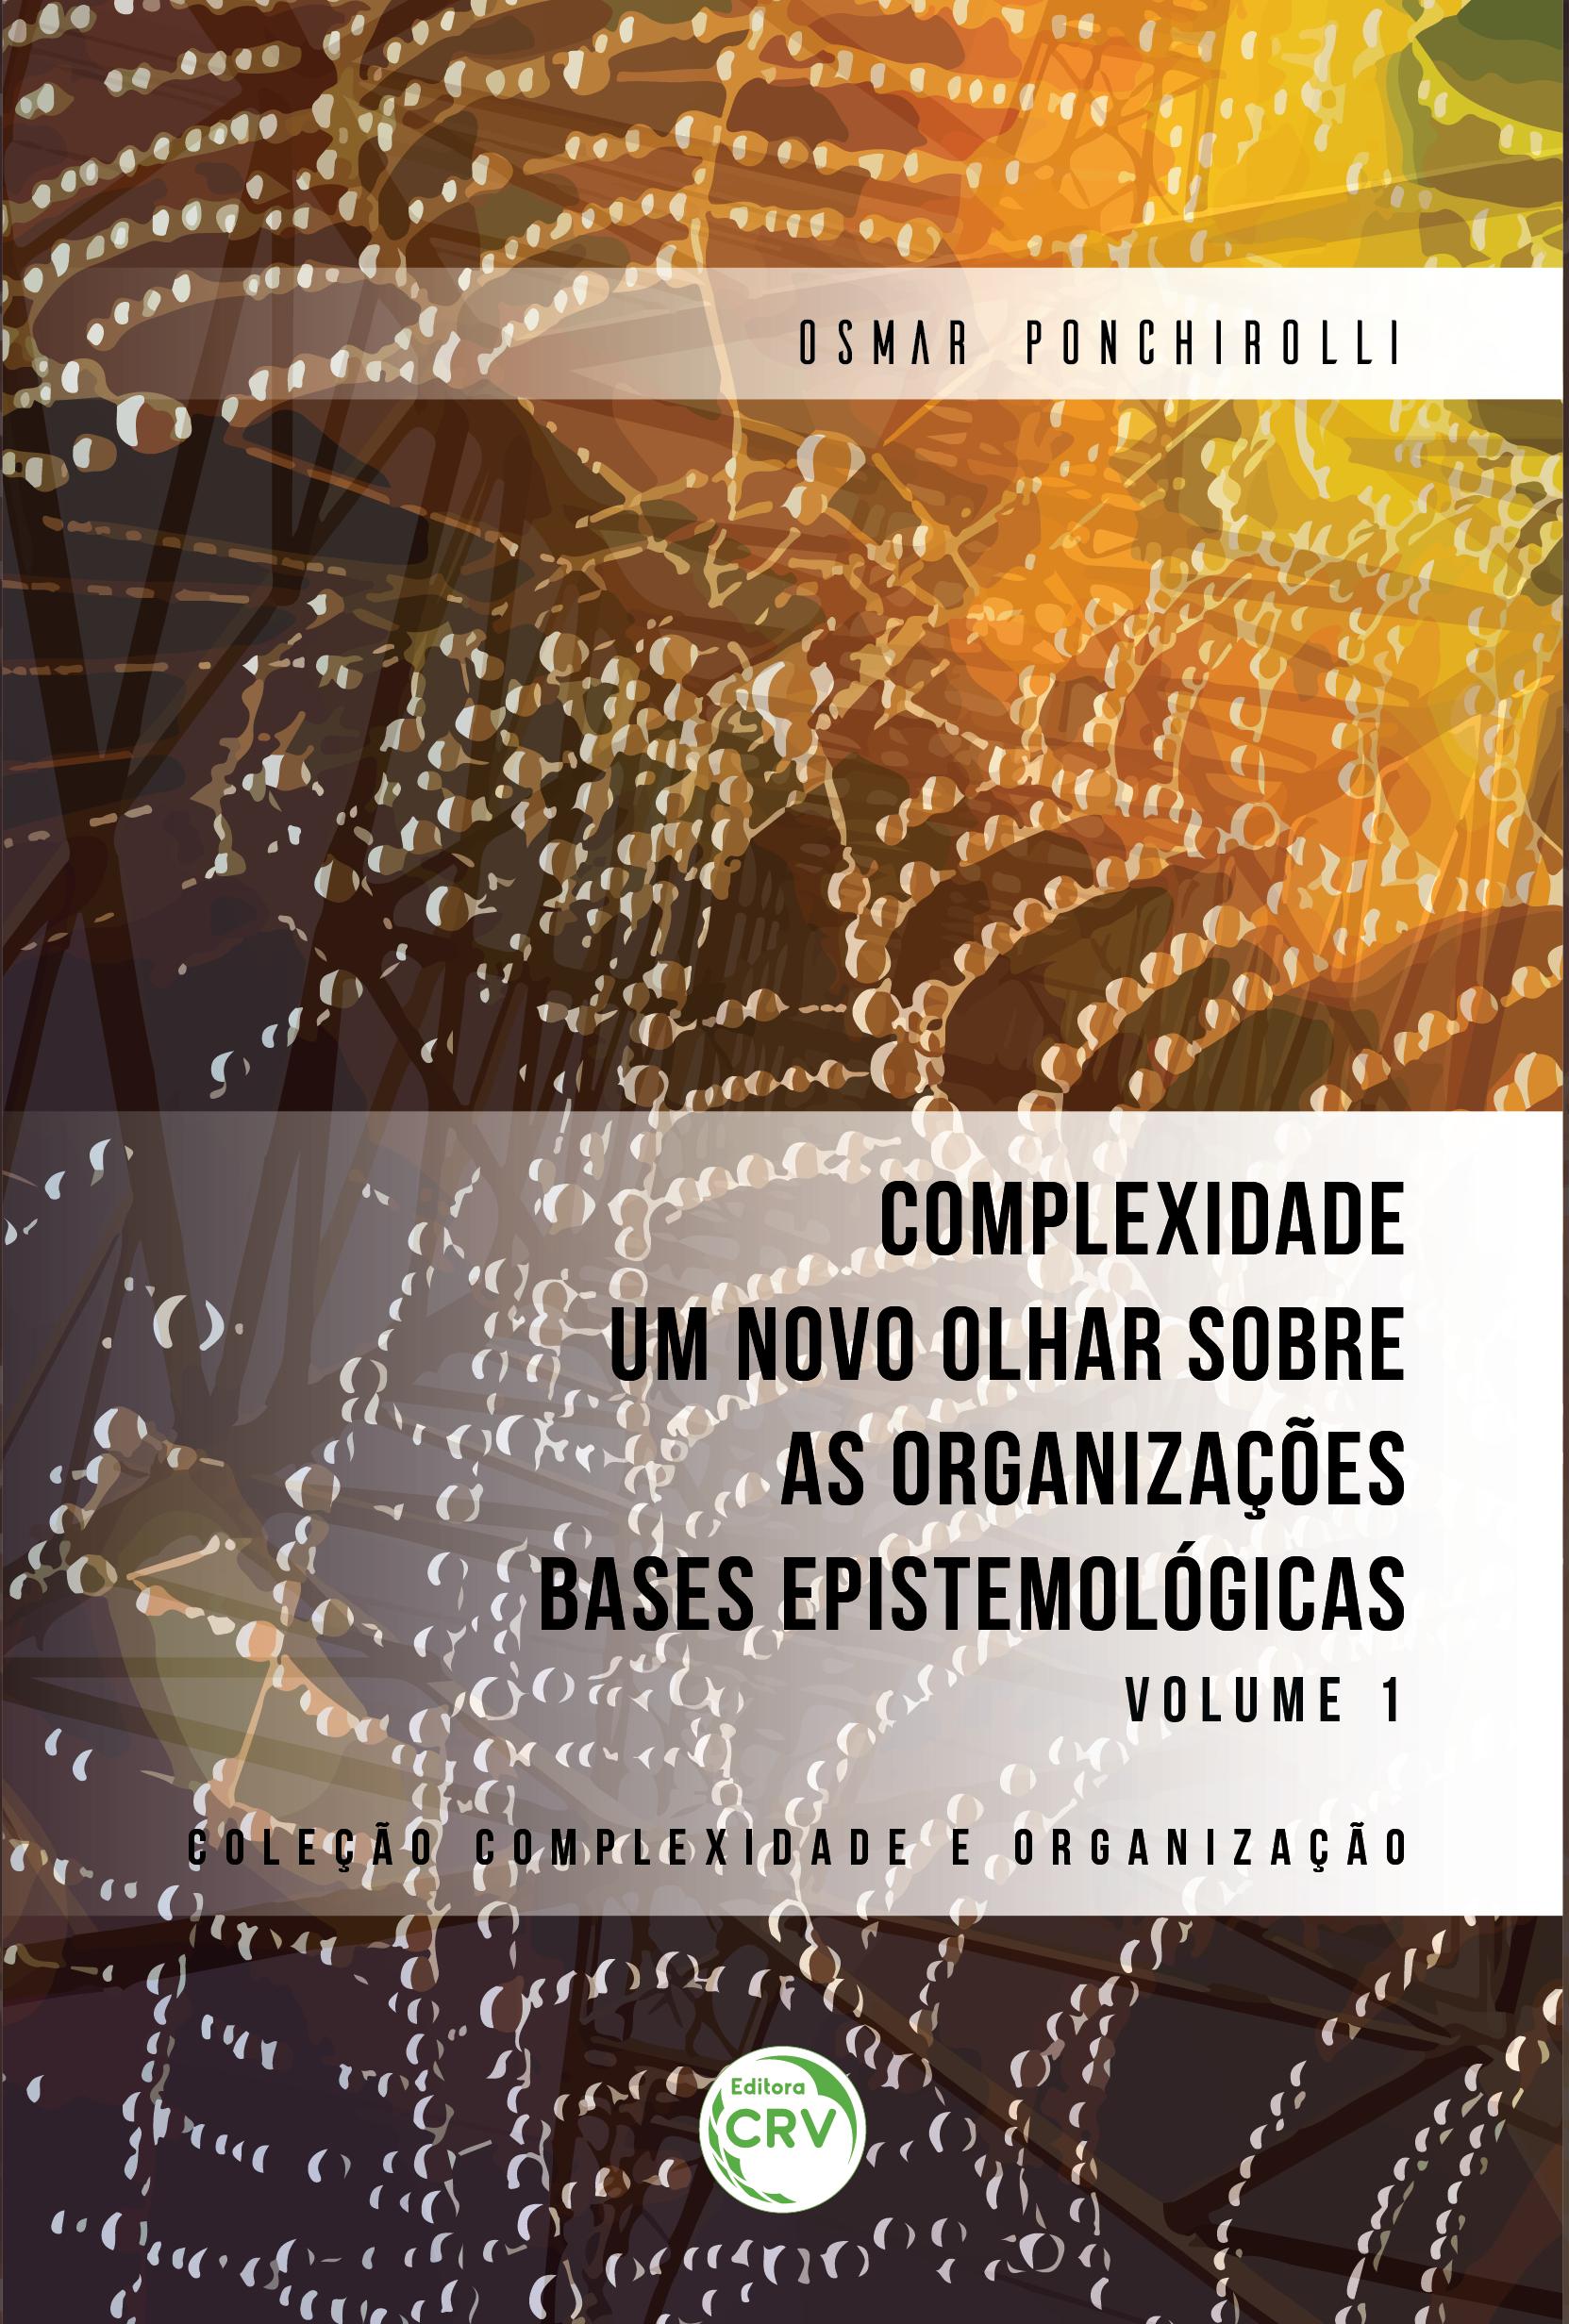 Capa do livro: COMPLEXIDADE UM NOVO OLHAR SOBRE AS ORGANIZAÇÕES BASES EPISTEMOLÓGICAS VOLUME I <br>COLEÇÃO COMPLEXIDADE E ORGANIZAÇÃO